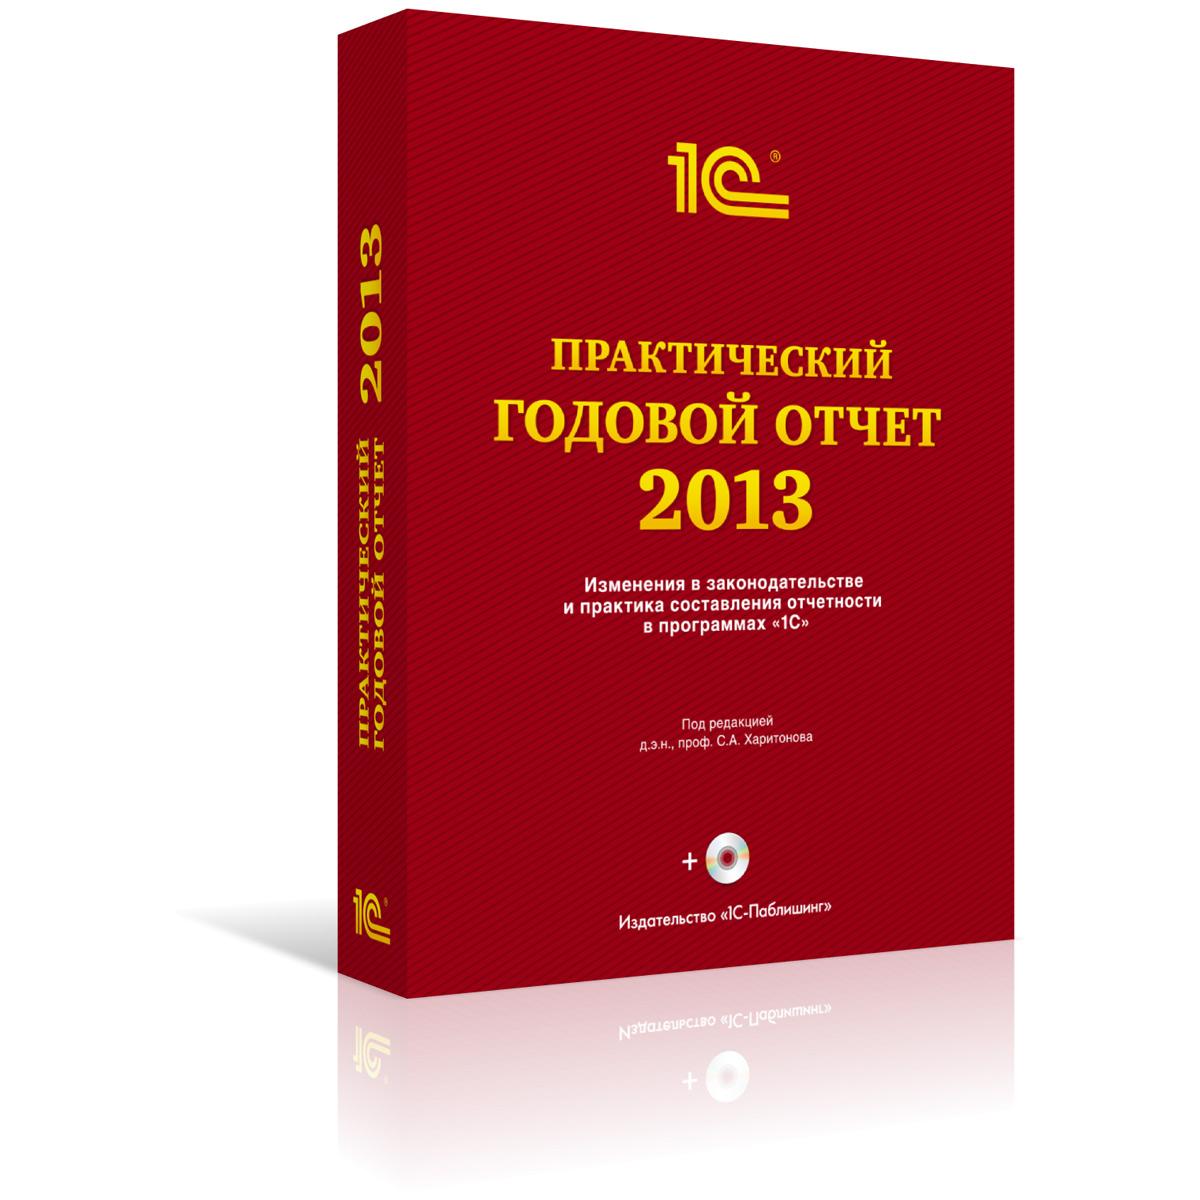 Практический годовой отчет за 2013 год от фирмы